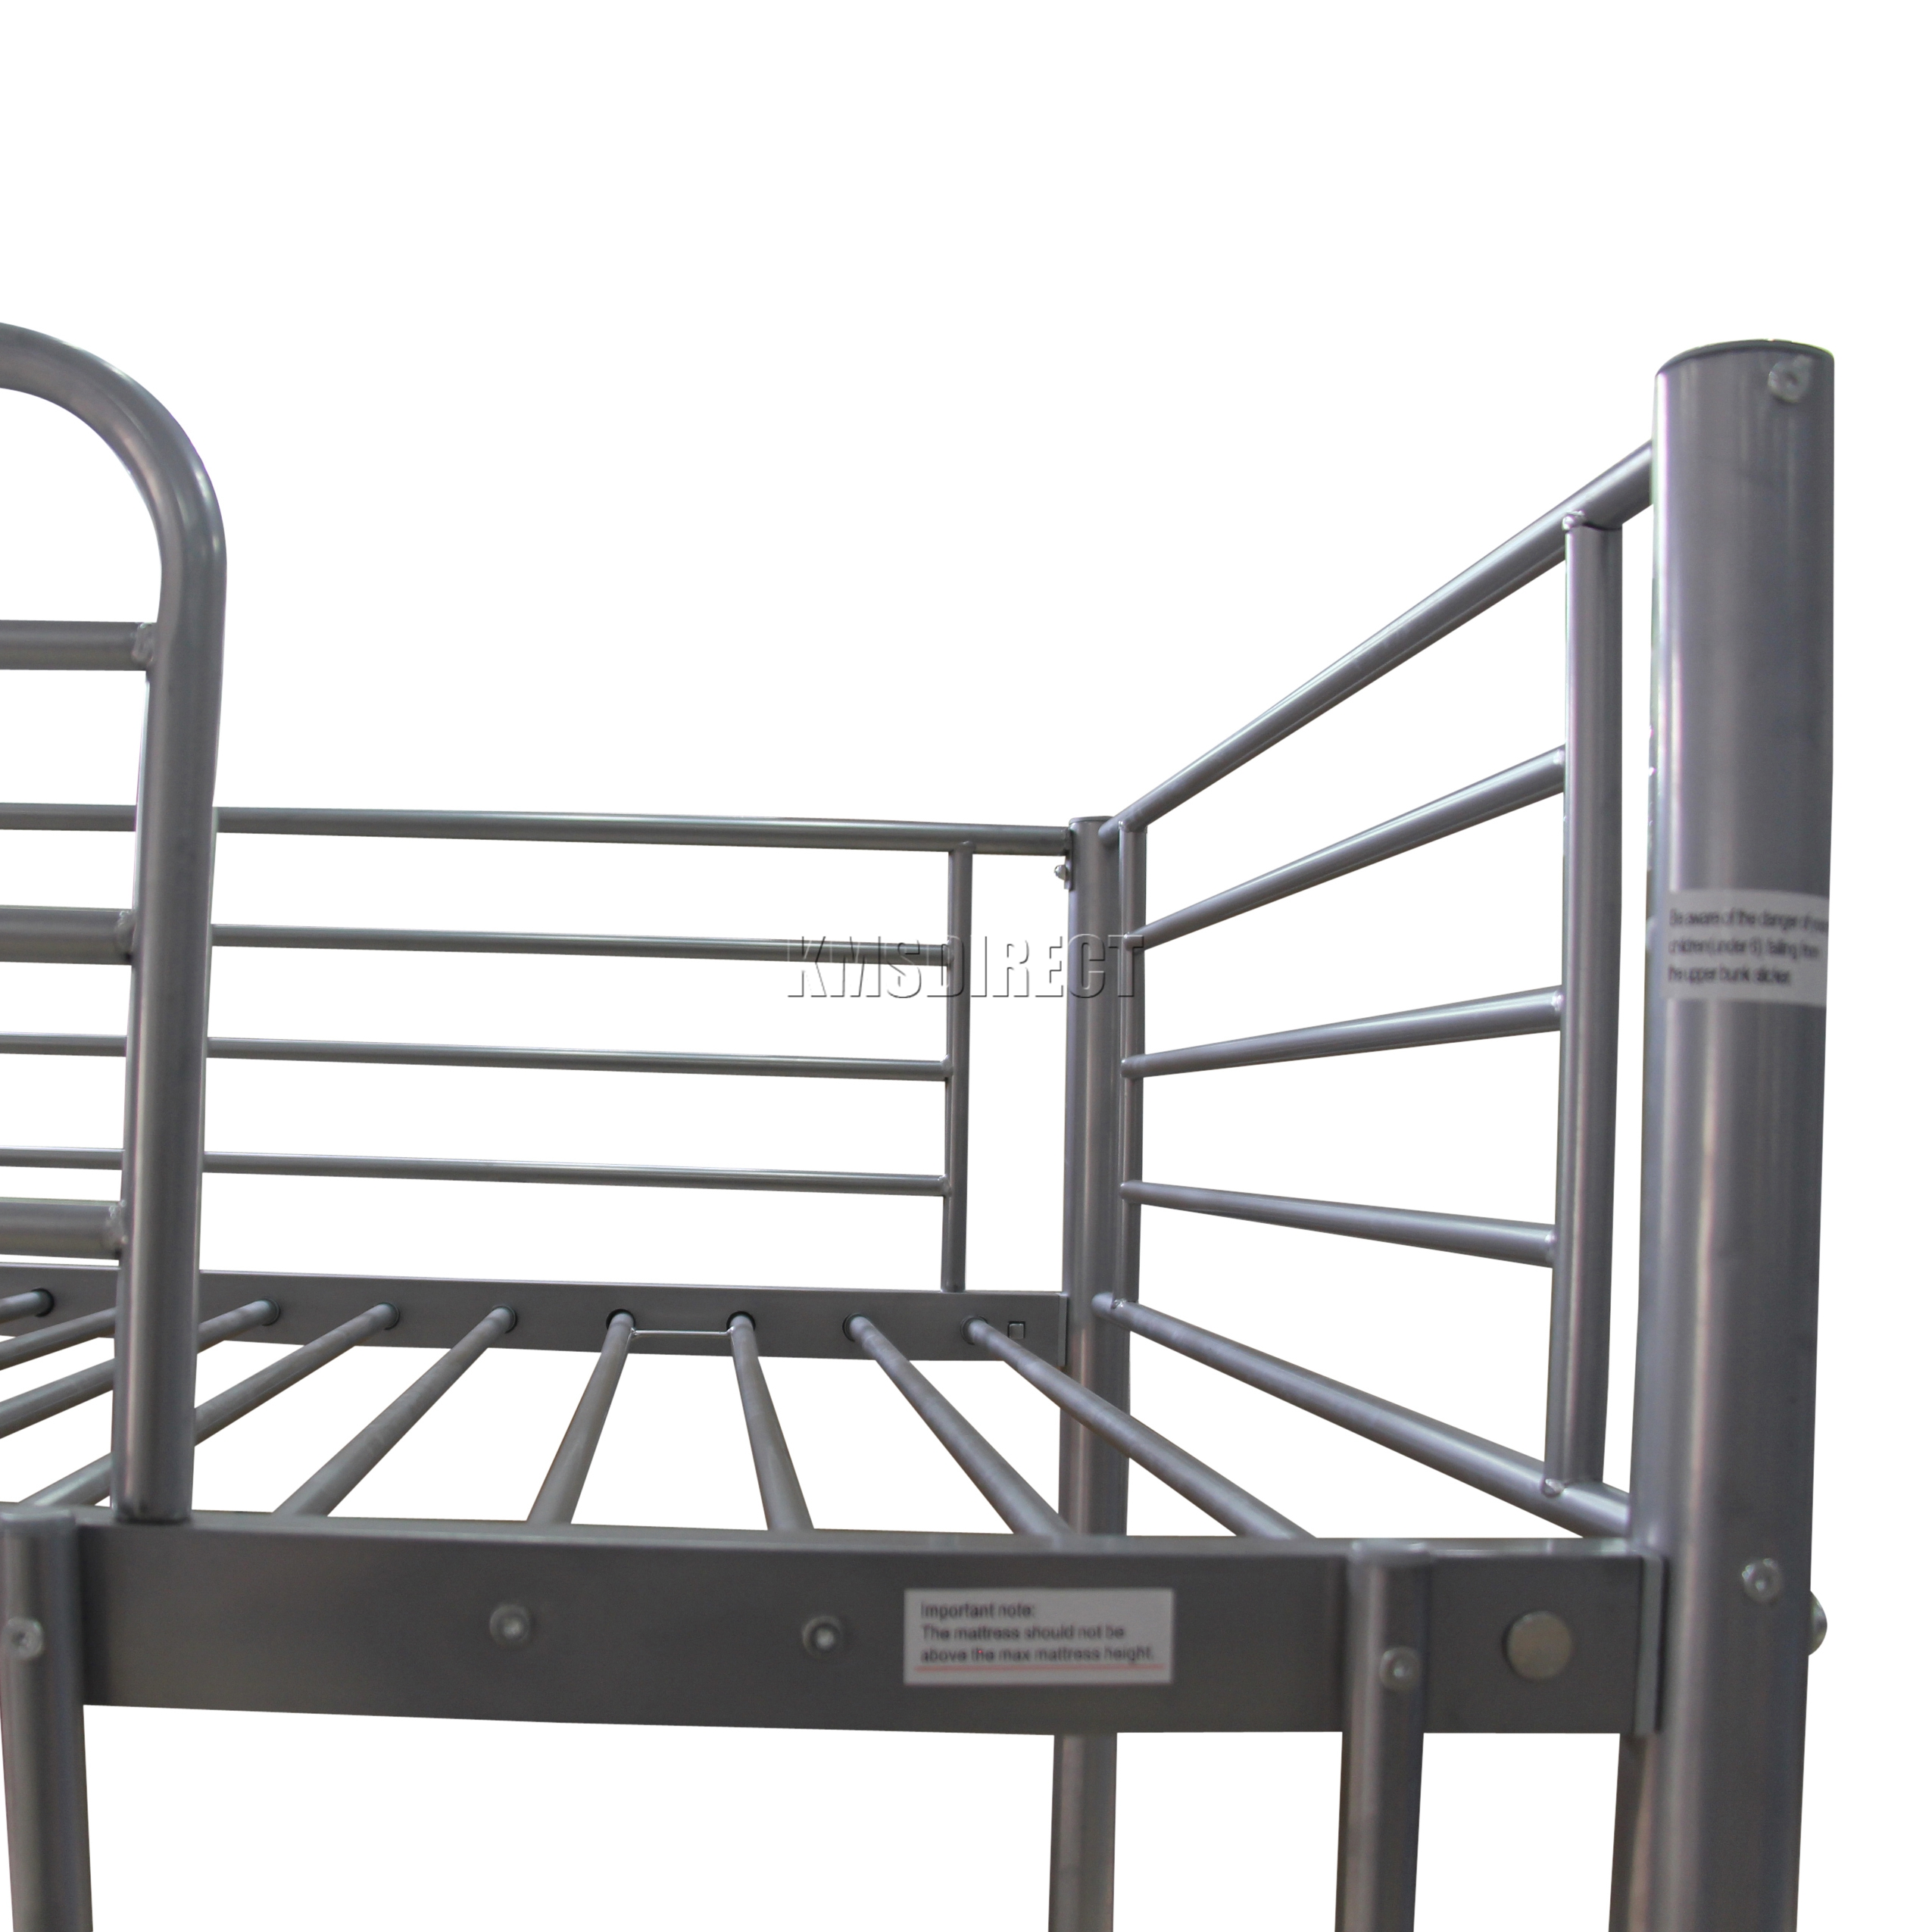 Riparo letto a castello singolo doppio triplo bambini metallo sleeper frame no materasso ebay - Letto castello metallo ...